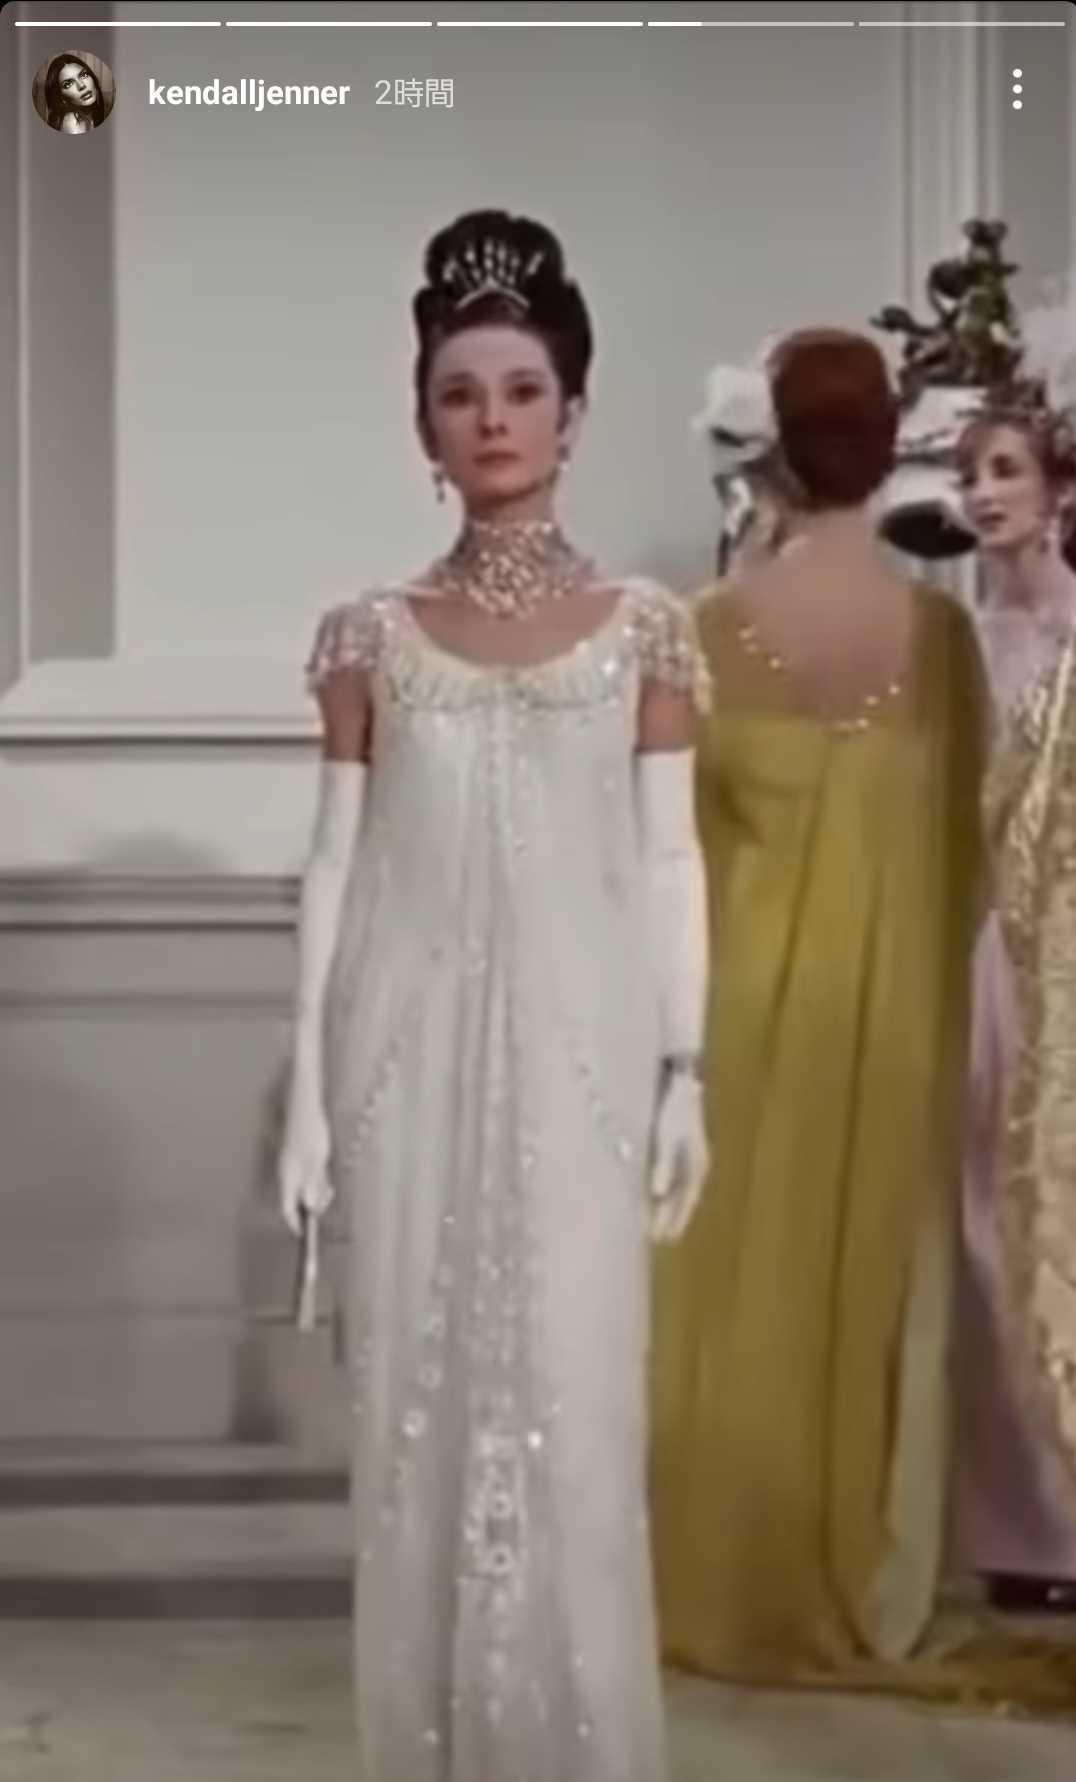 画像2: ケンダル・ジェンナーはジバンシィのカスタムドレス